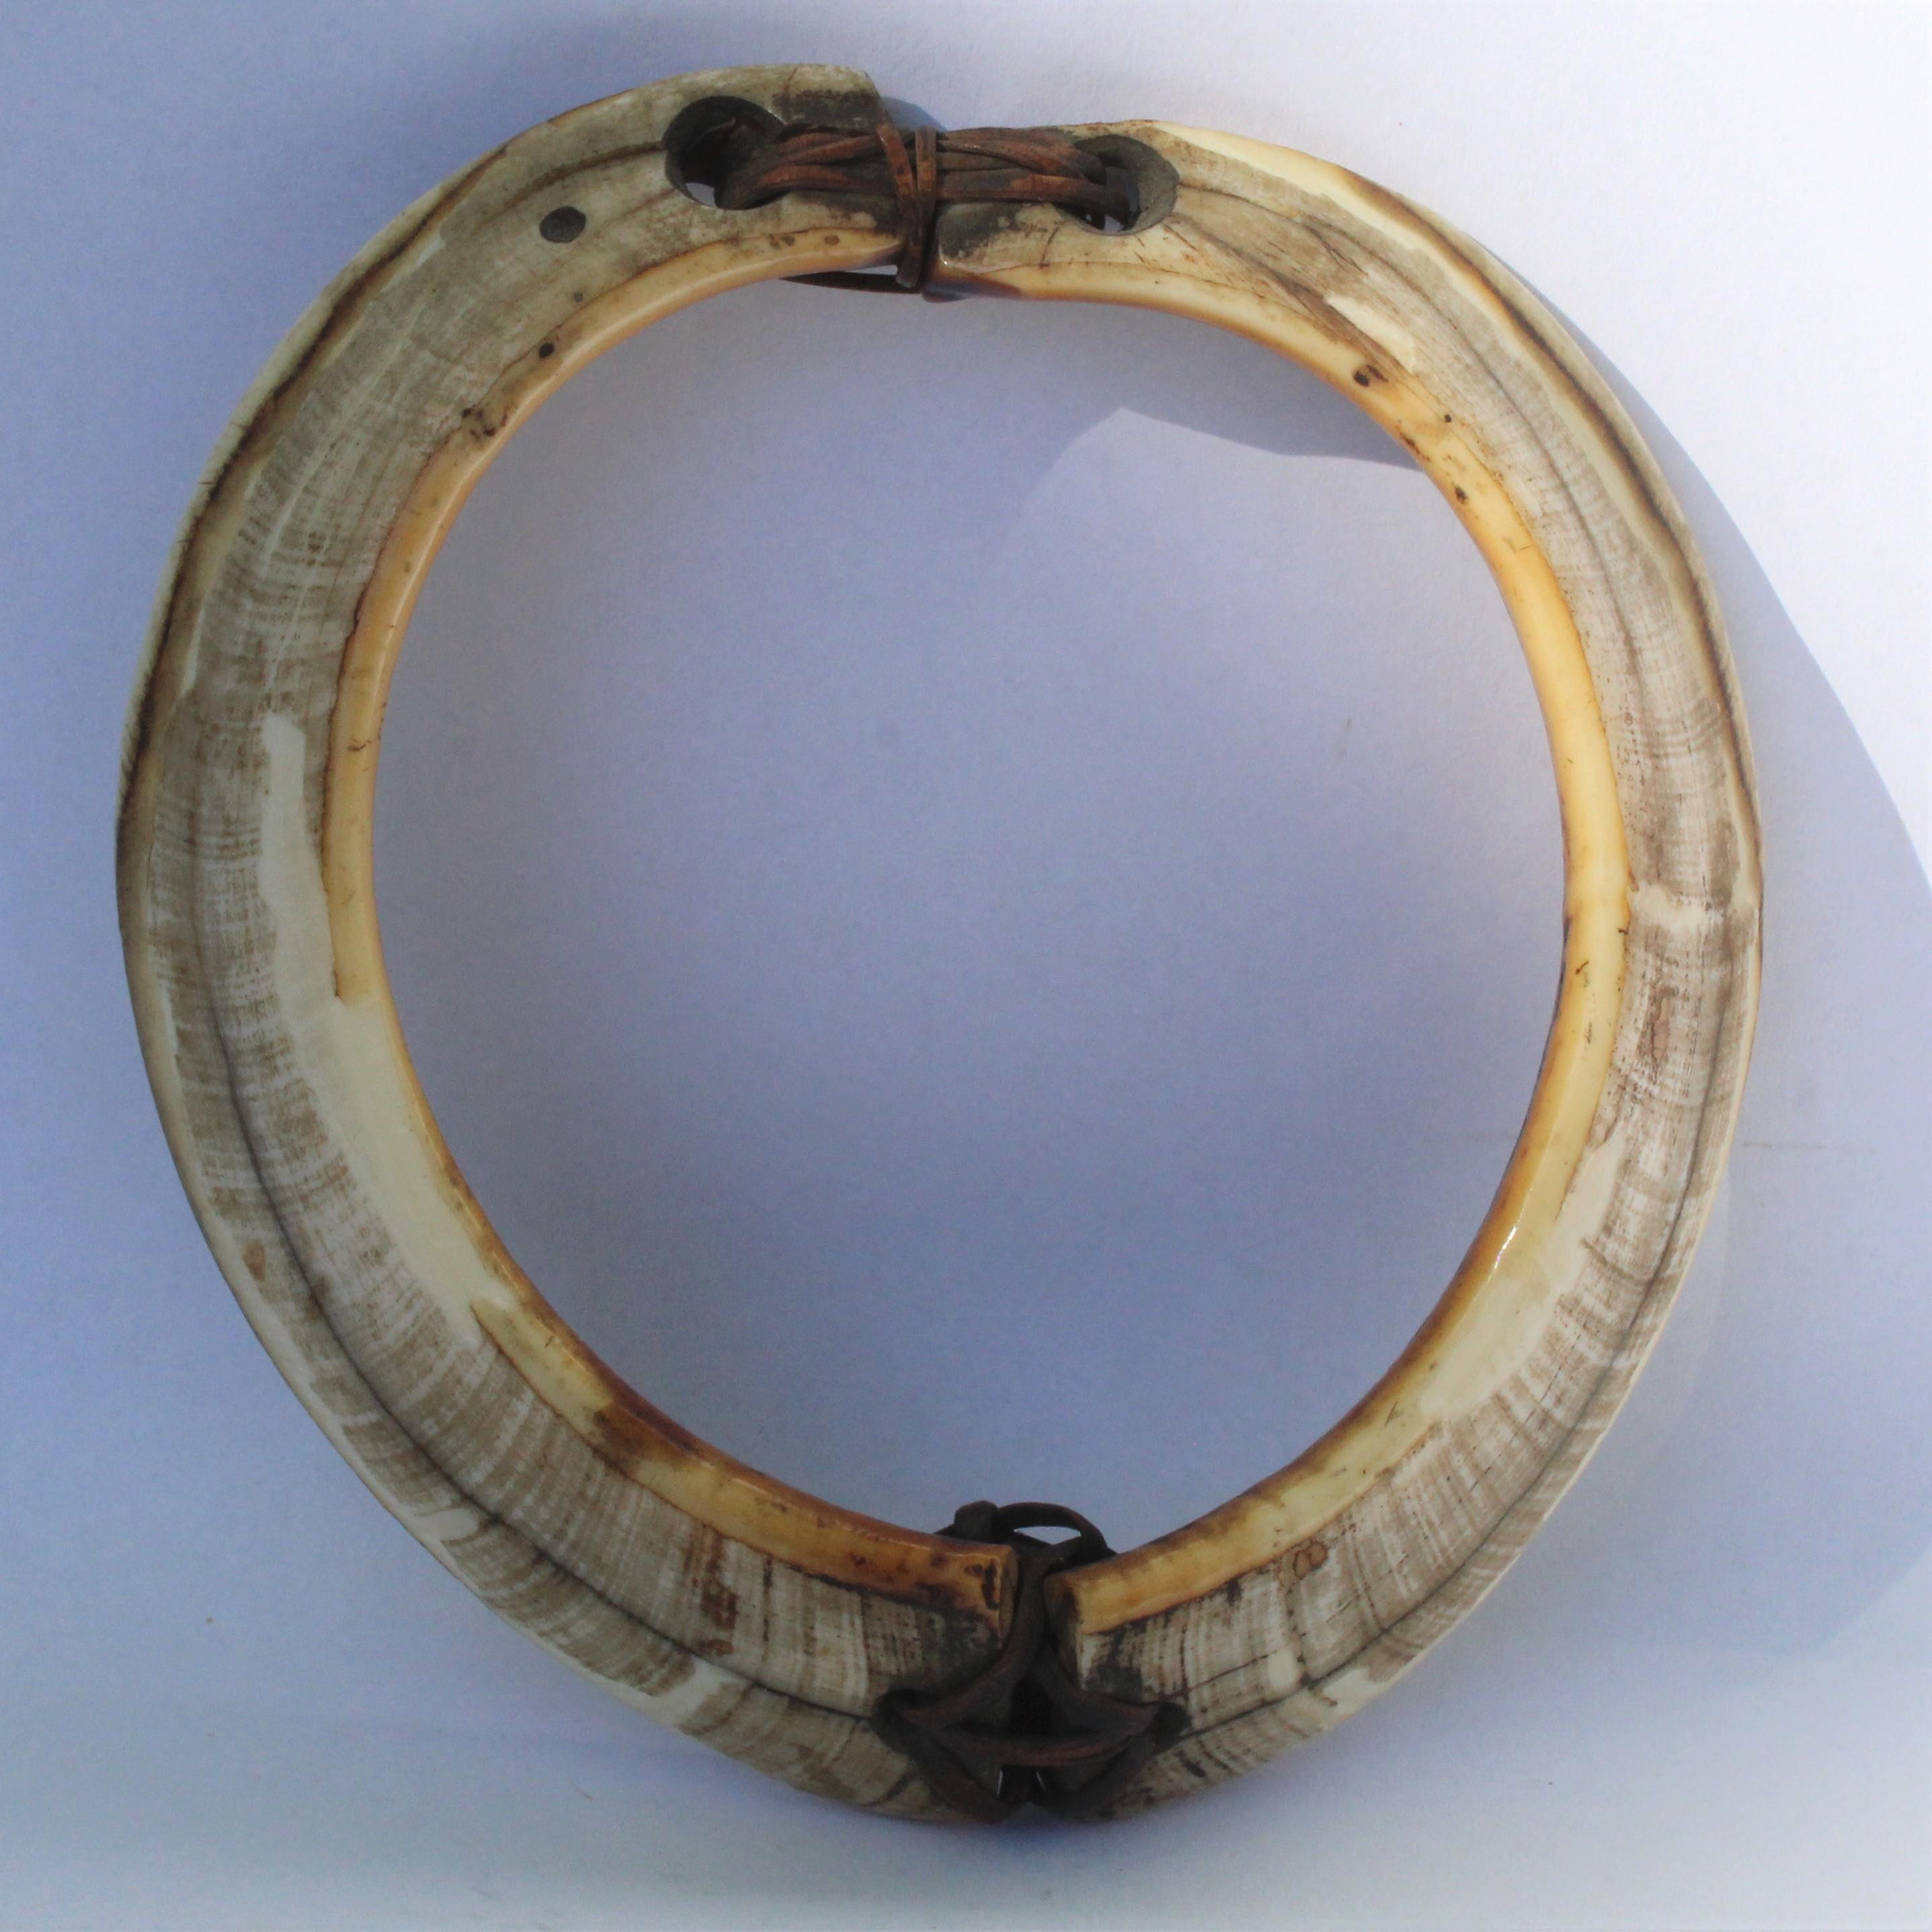 Two boar tusk bracelets. One currency.